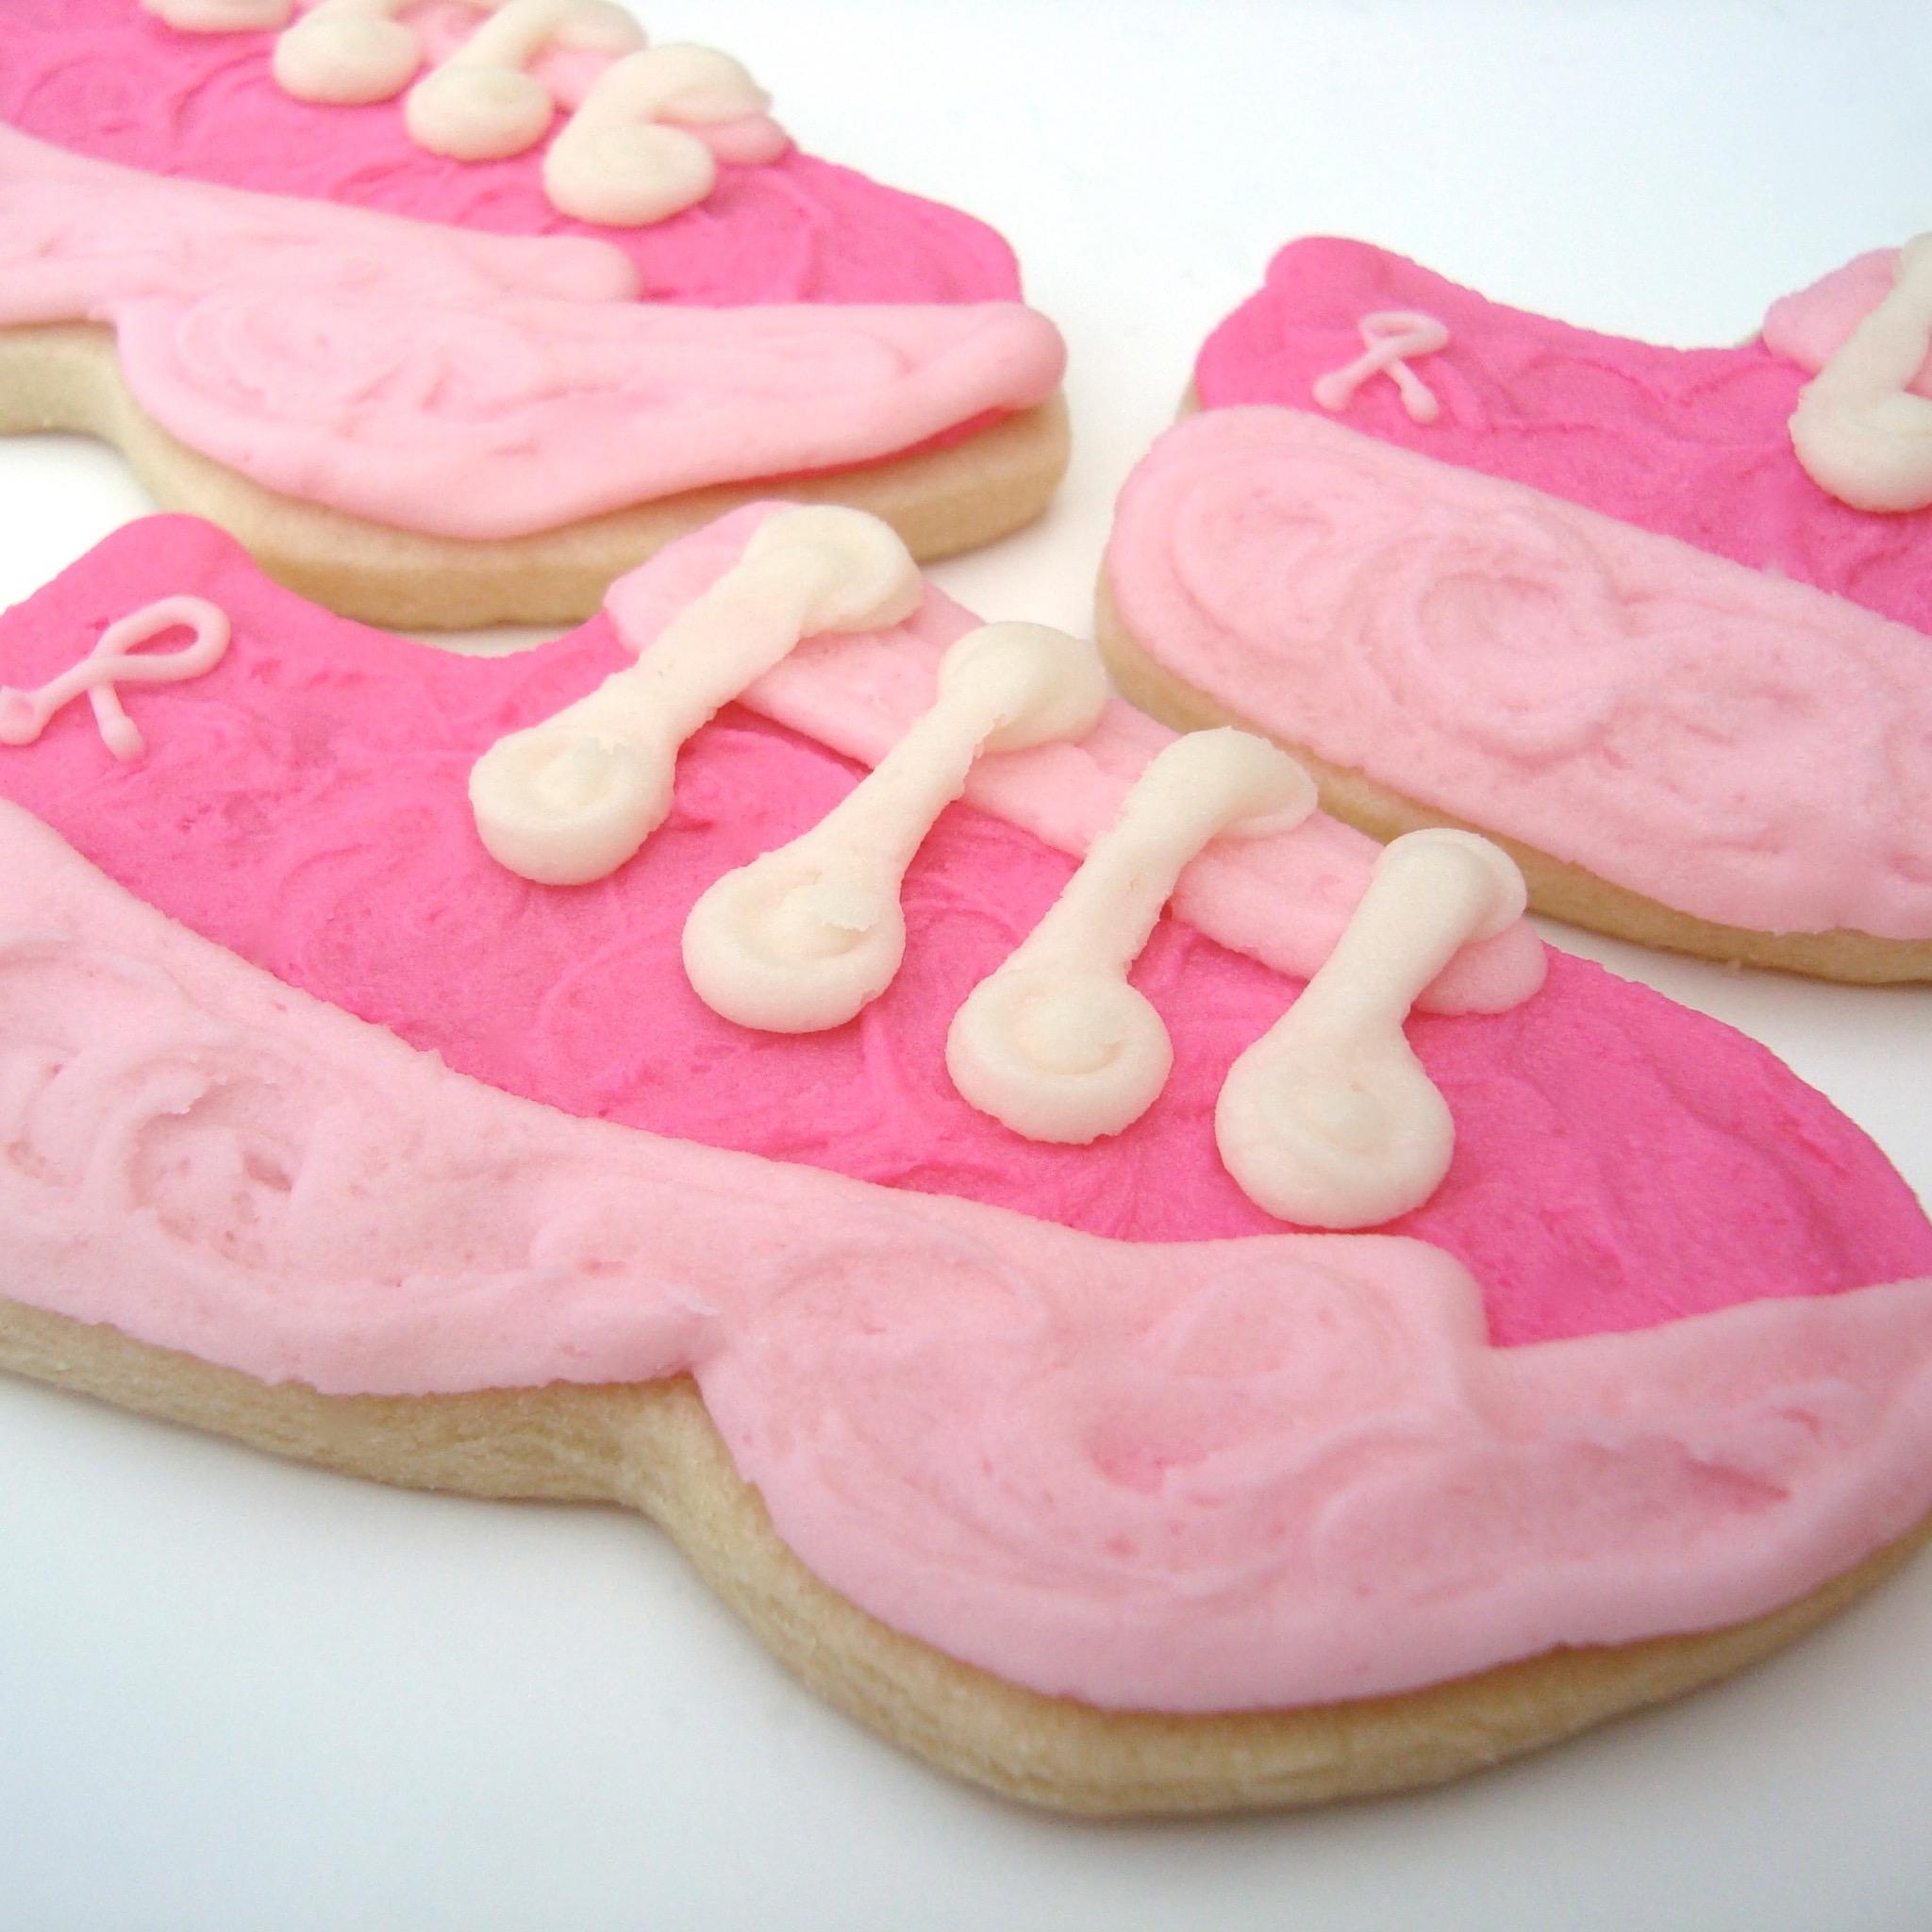 clothing.cookies.running.shoe.pink.jpg